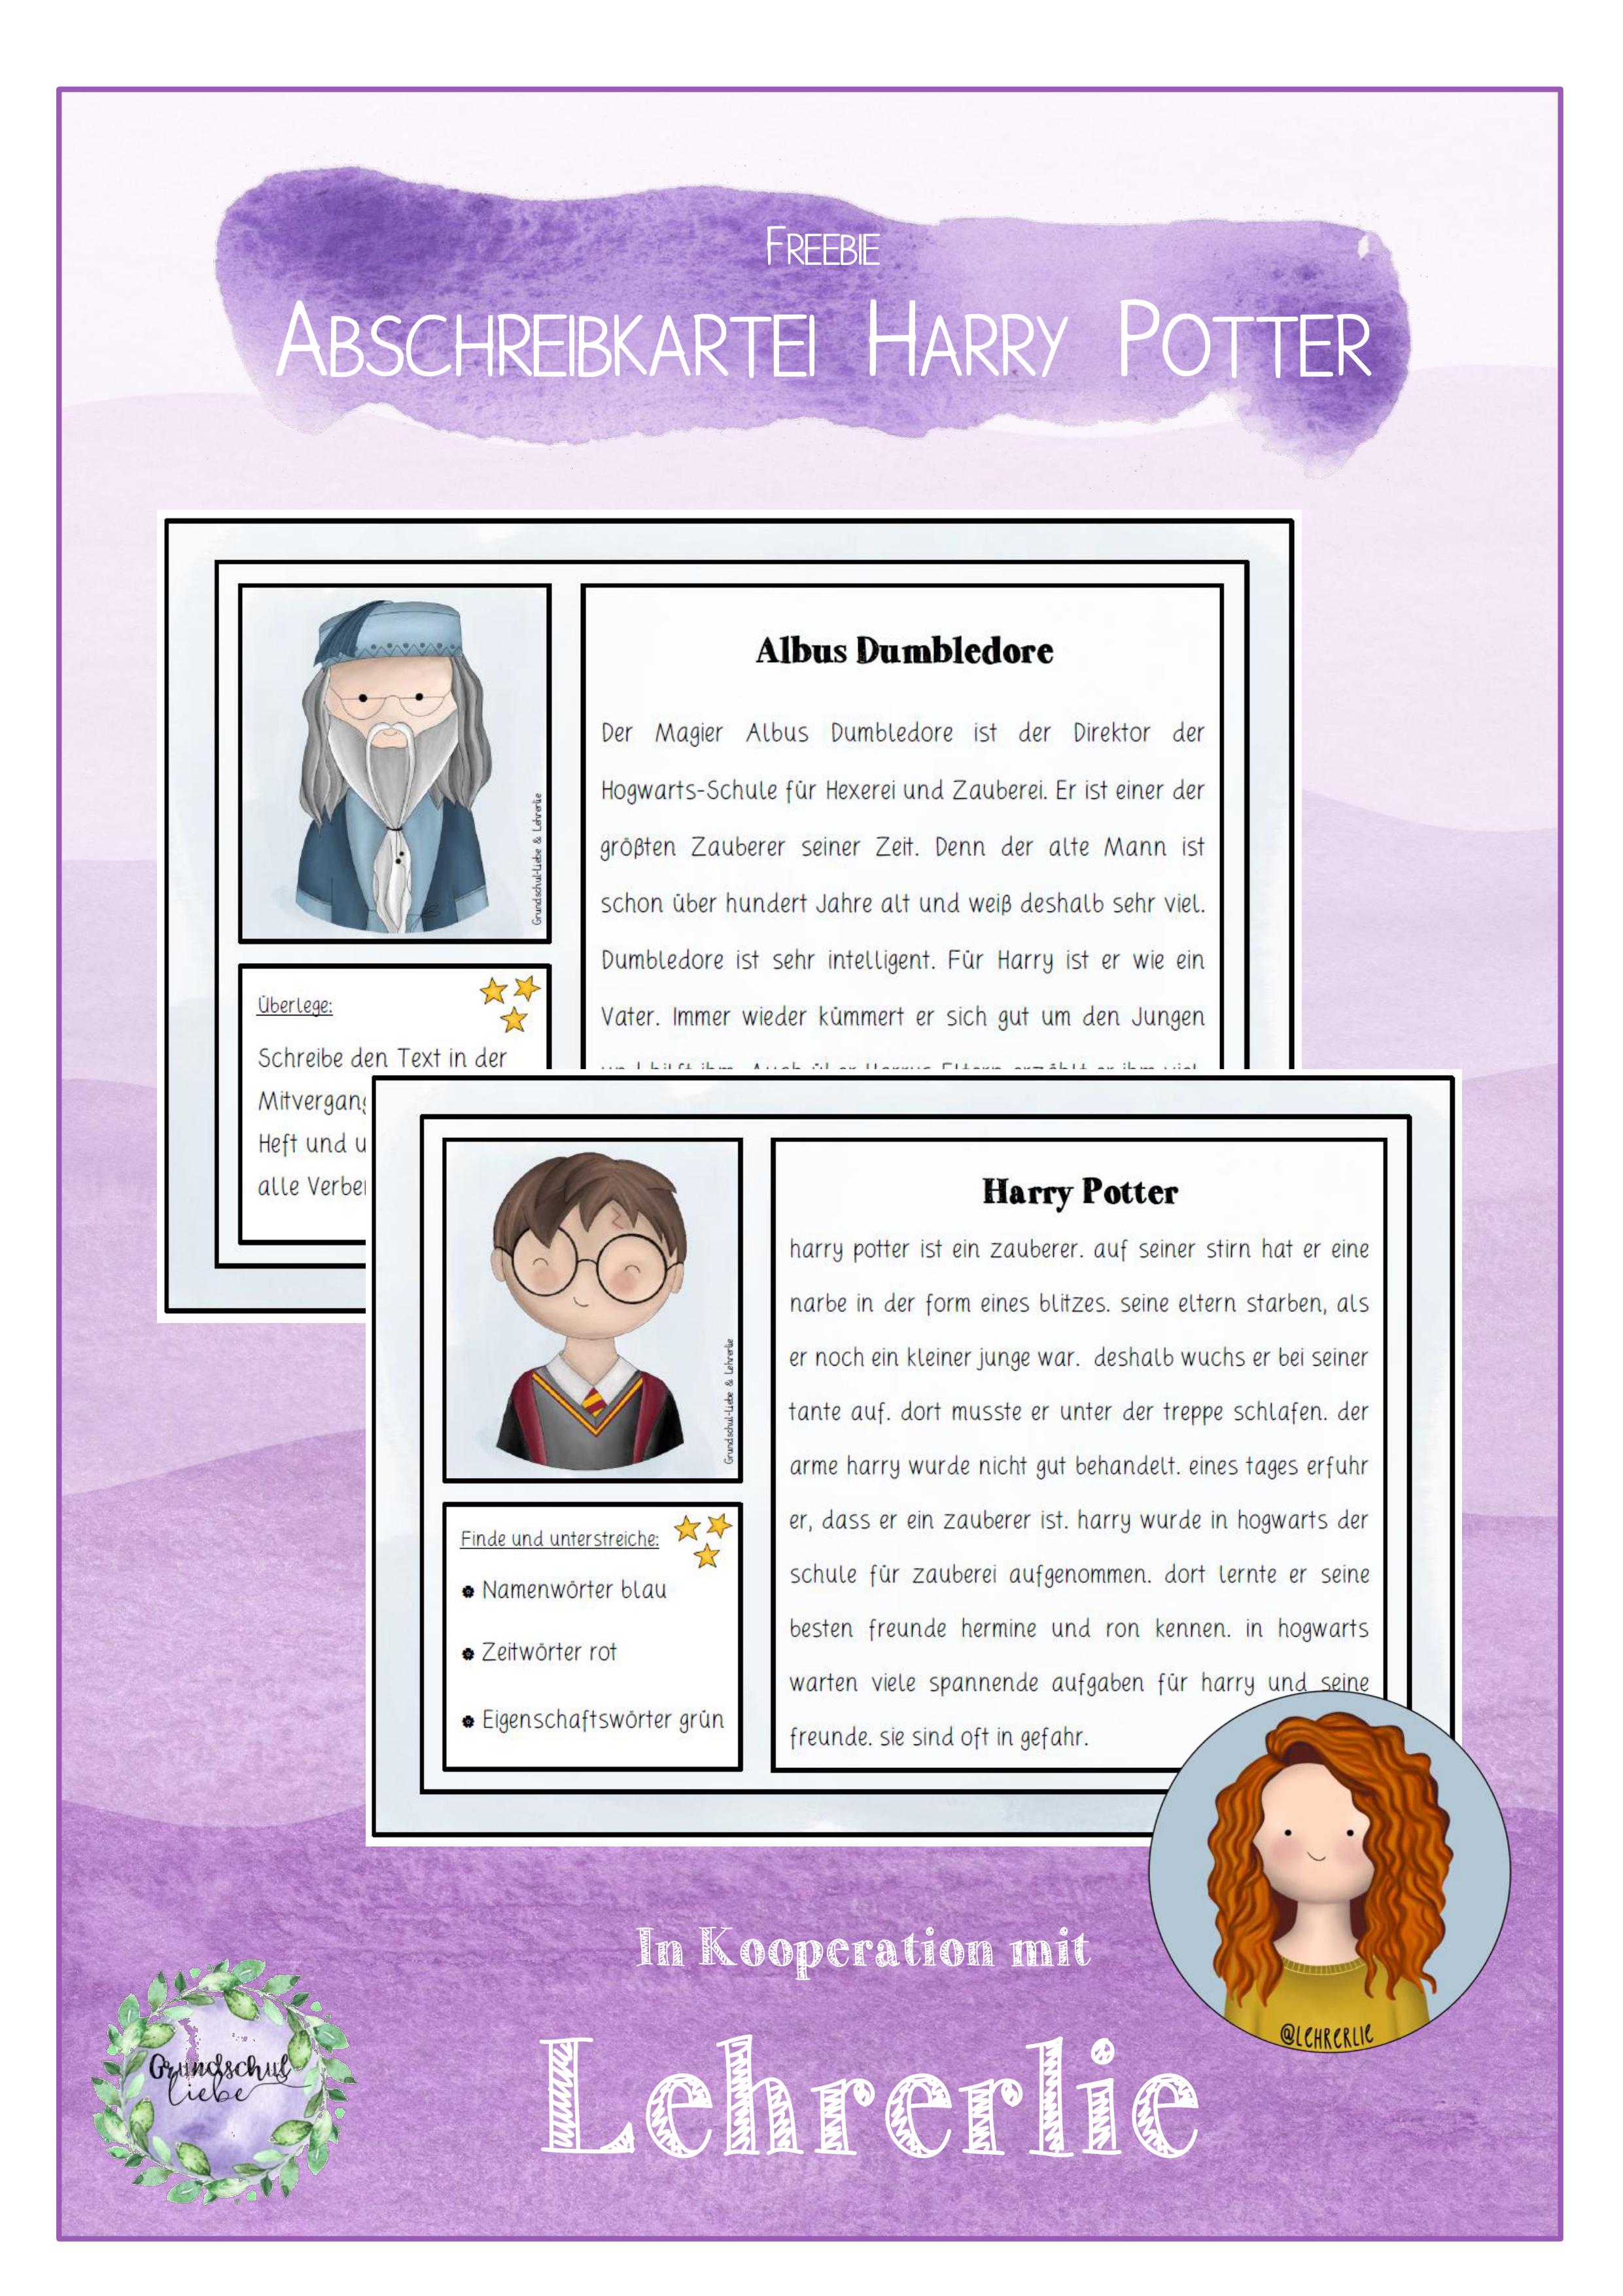 Abschreibkartei Harry Potter Freebie 3 4 Klasse Unterrichtsmaterial Im Fach Deutsch Harry Potter Schule Harry Potter Deutsch Unterricht